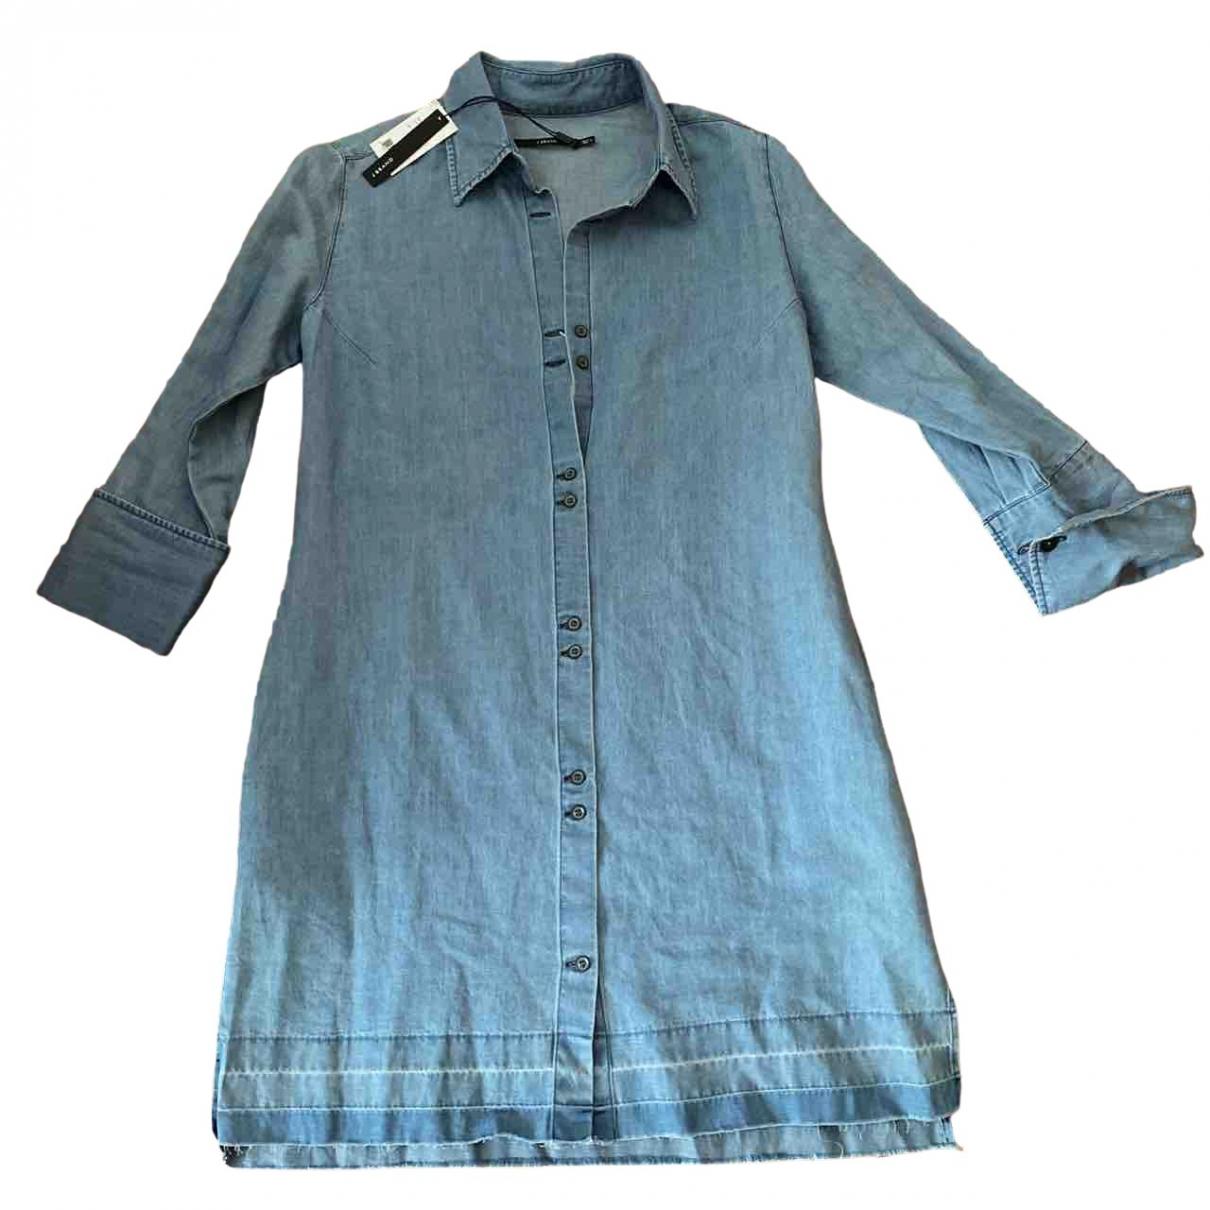 J Brand \N Kleid in  Blau Denim - Jeans